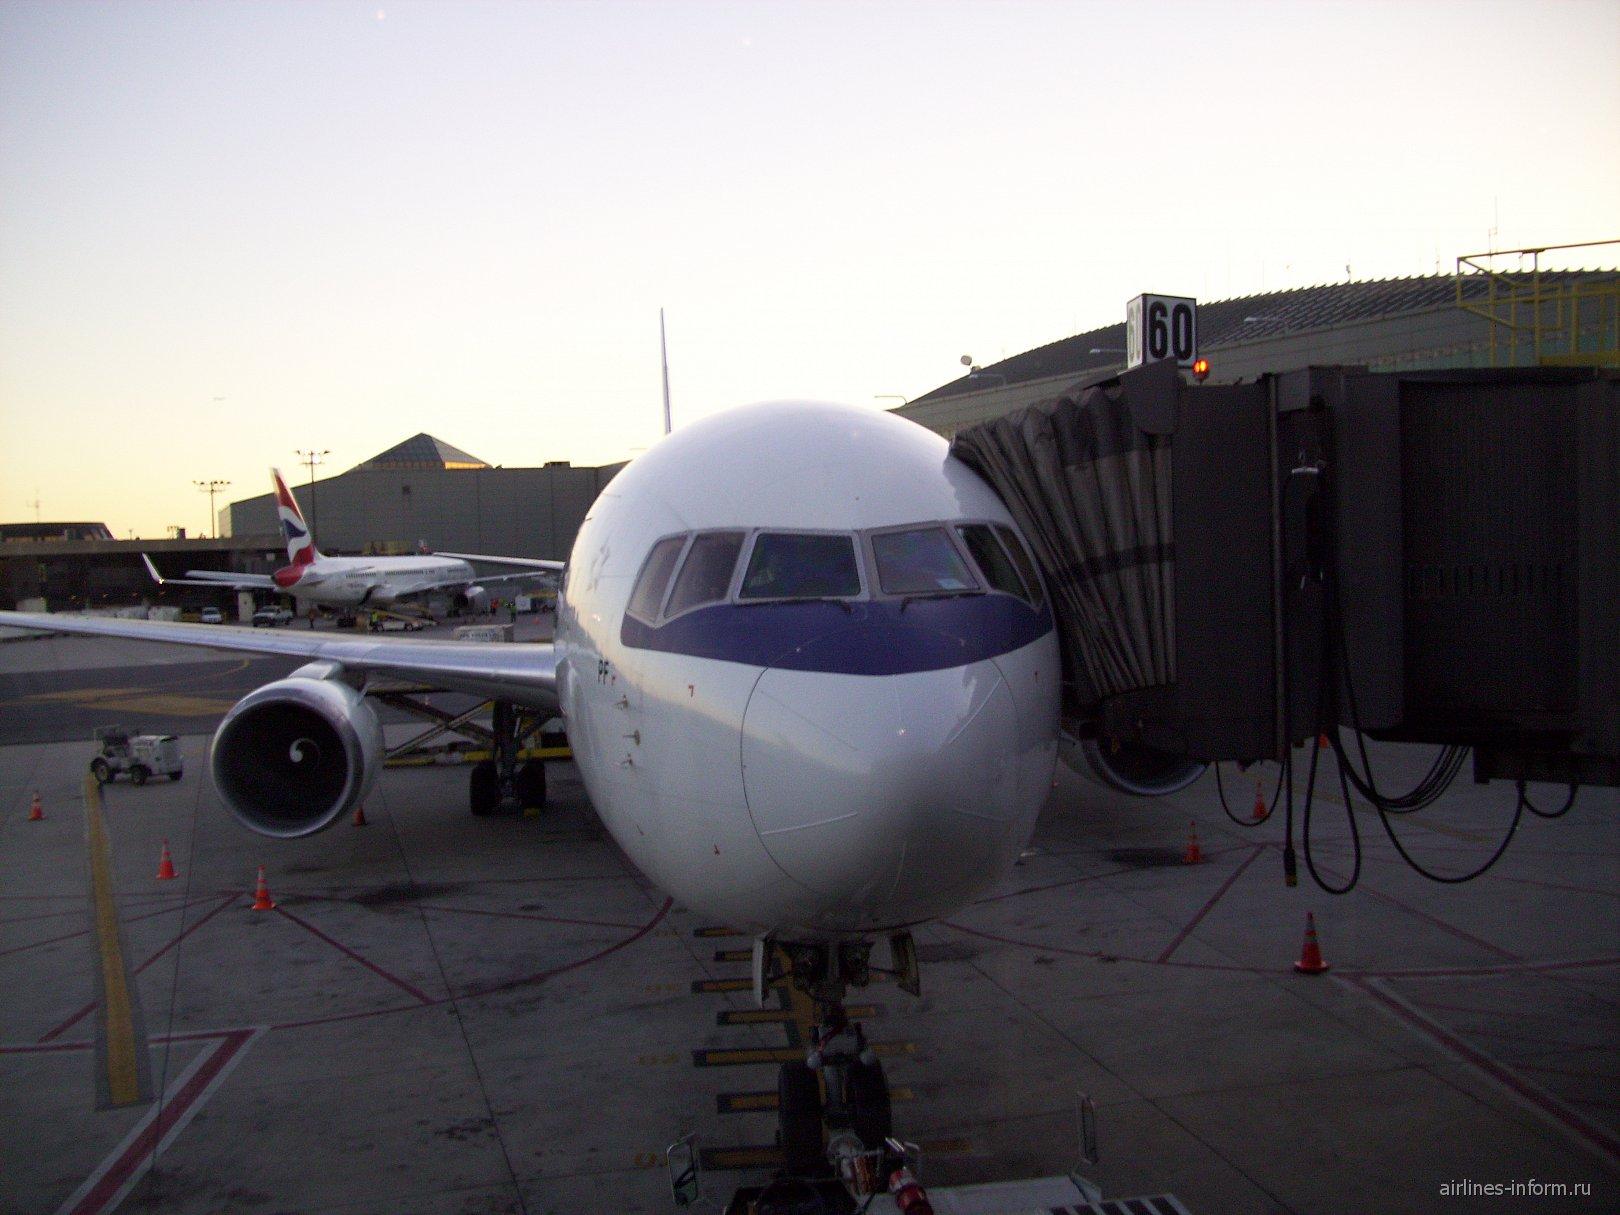 Боинг-767-300 Польских авиалиний в аэропорту Ньюарк